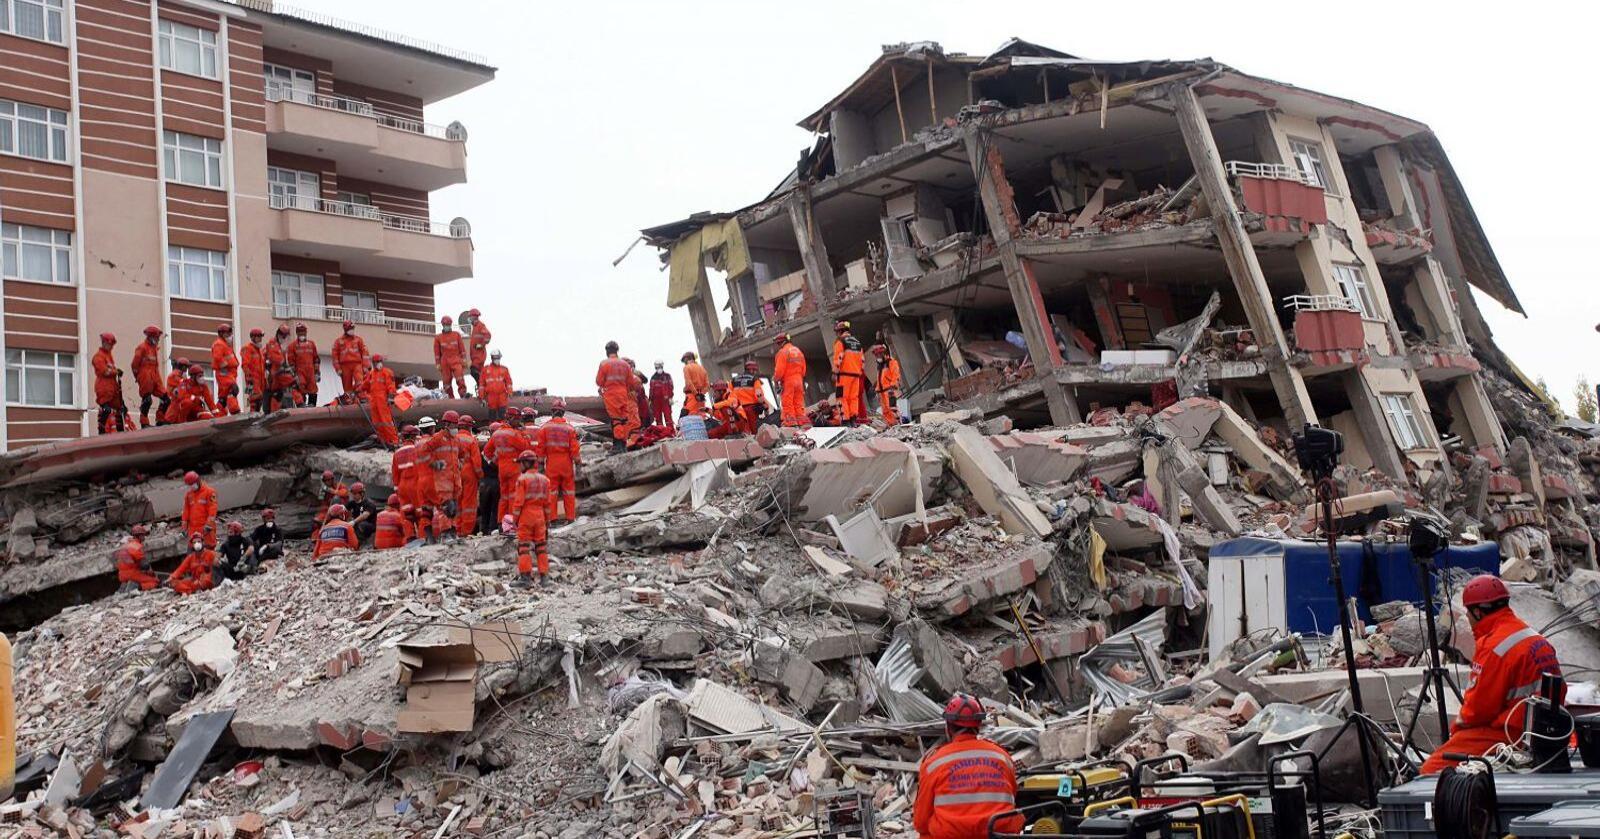 Sammenraste hus etter jordskjelvet i Van i Tyrkia 25. oktober 2011. 604 omkom. Gamle betongbygg i utsatte området kan bli sterkere med en ny drakt av tre.Foto: Shutterstock)